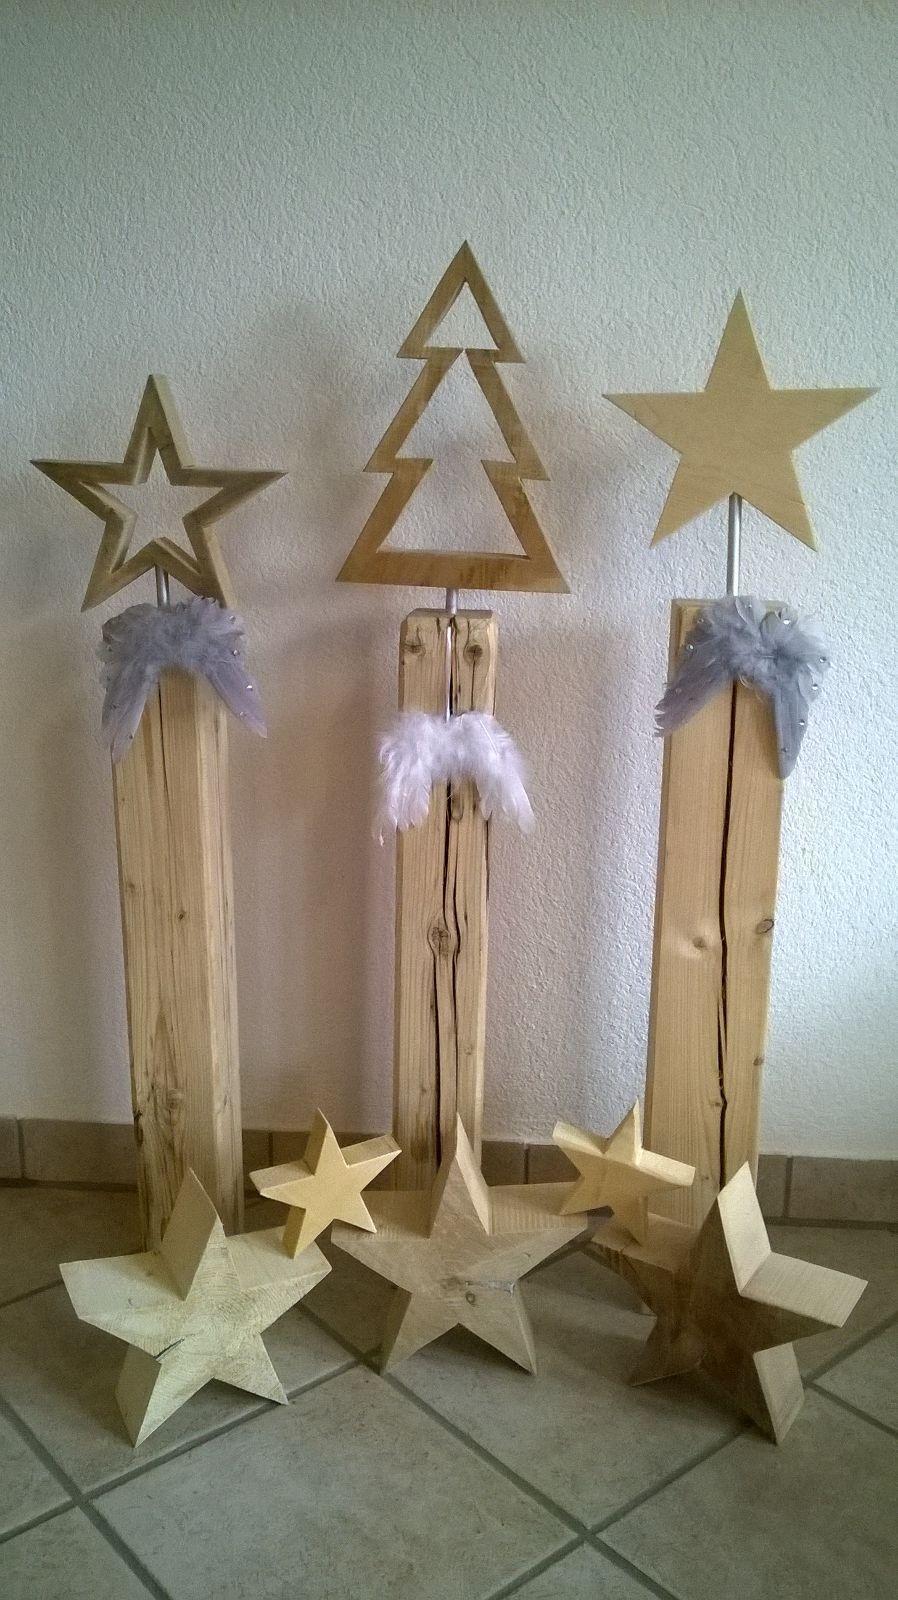 Erstaunlich Bildergebnis Für Weihnachtsdeko Holz Selber Machen